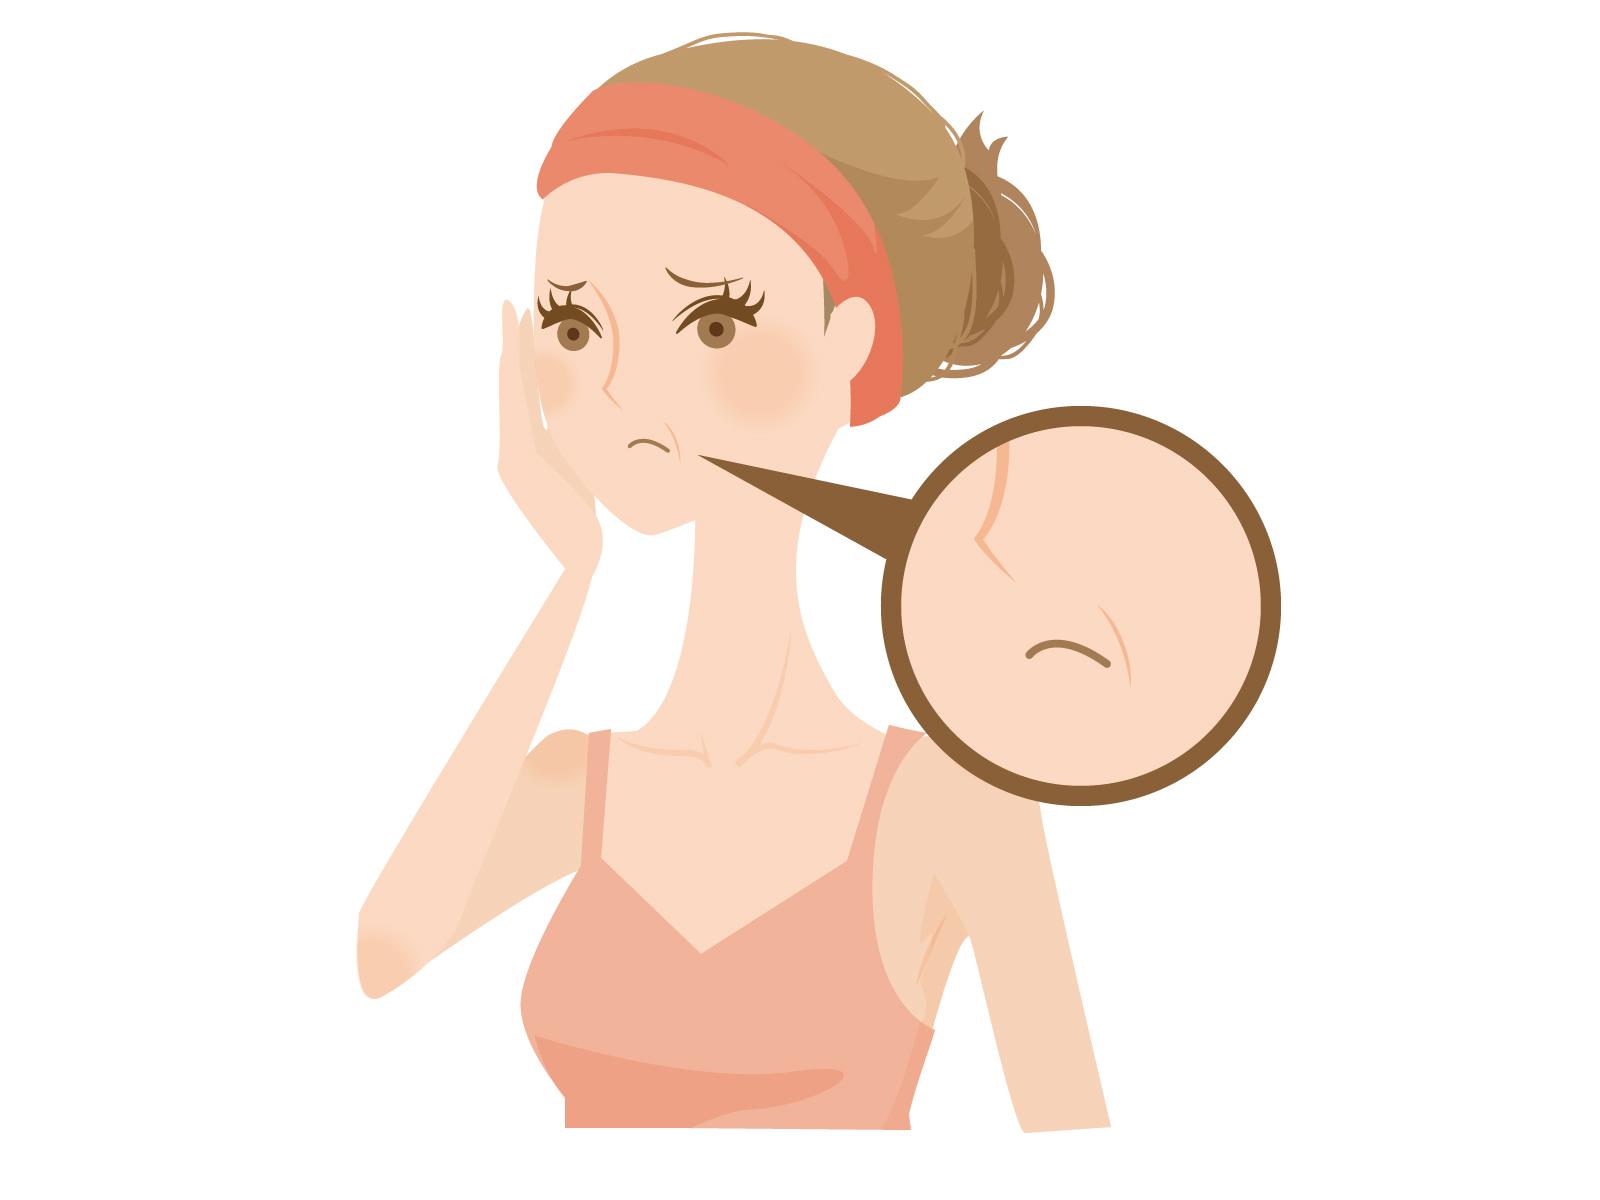 医薬部外品は表示(成分)隠しだ! 美白化粧品でシミが増える理由